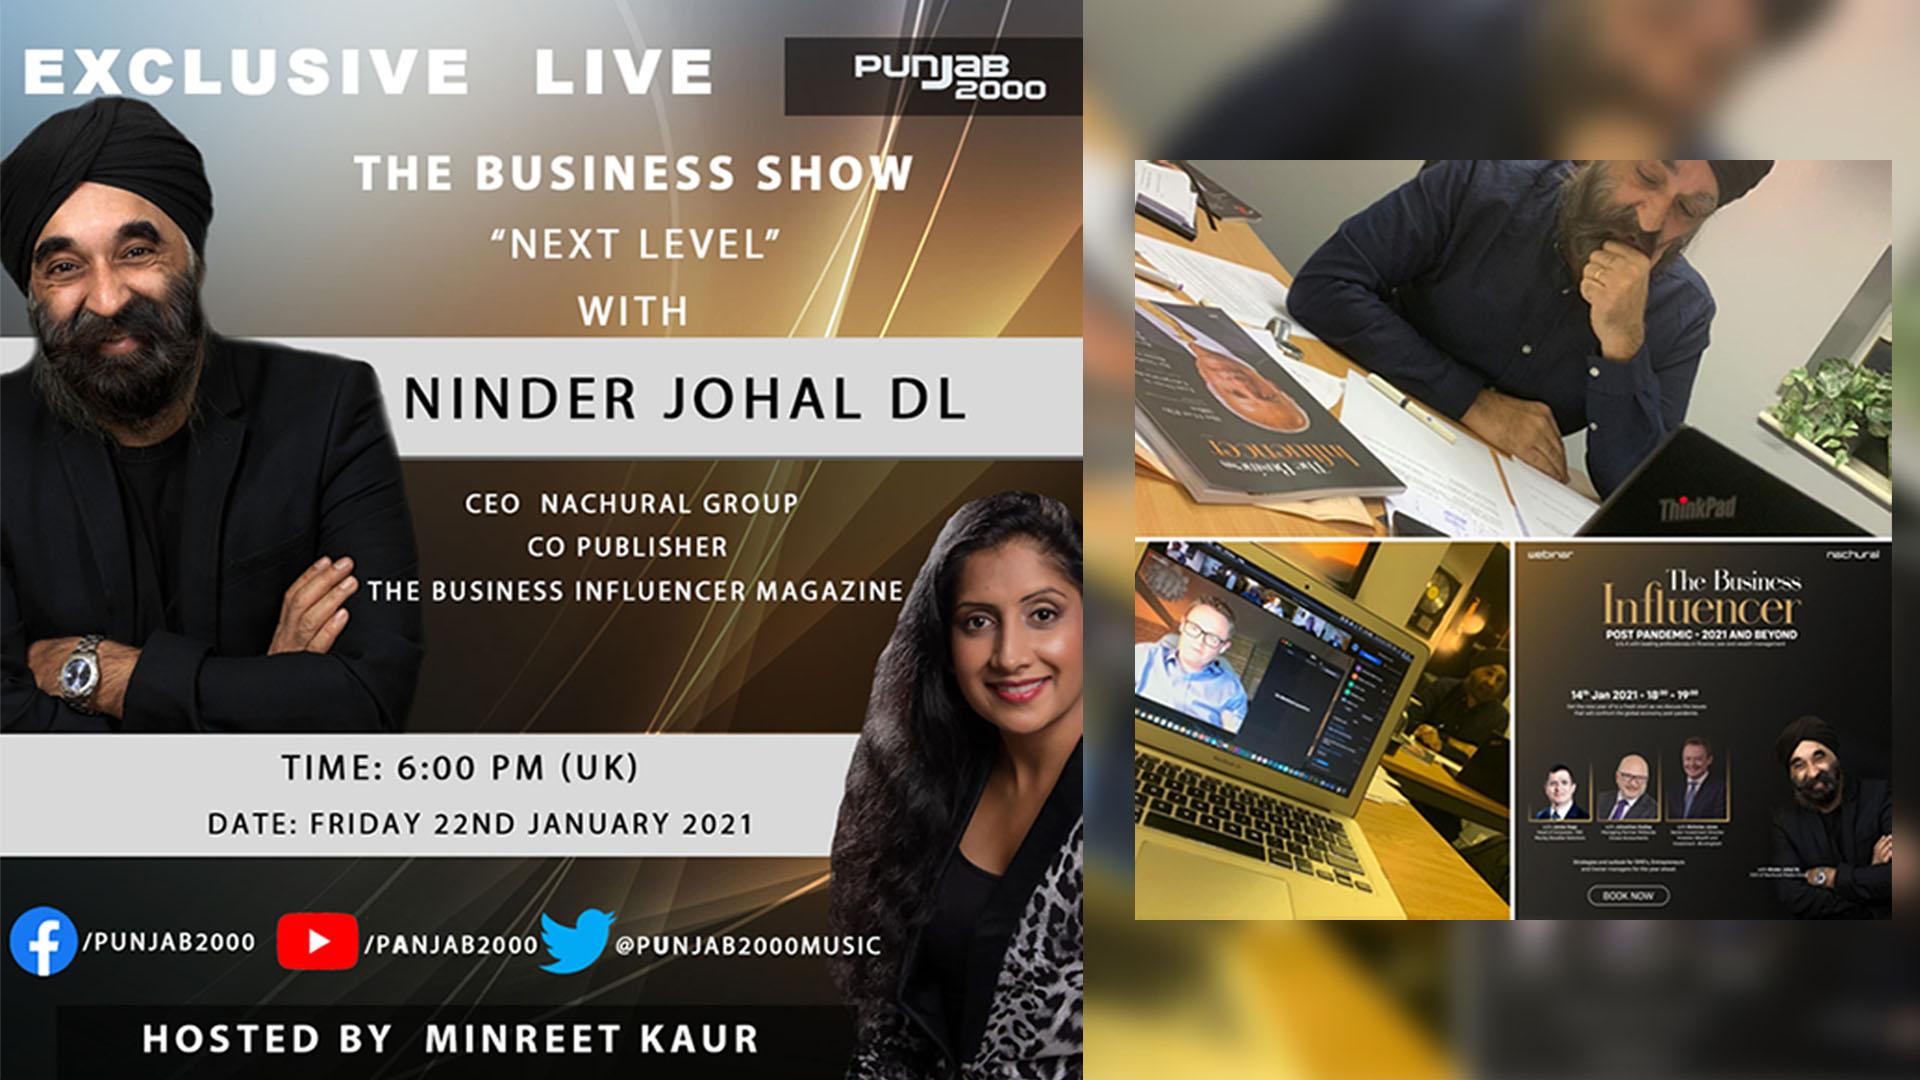 Ninder Johal & Minreet Kaur